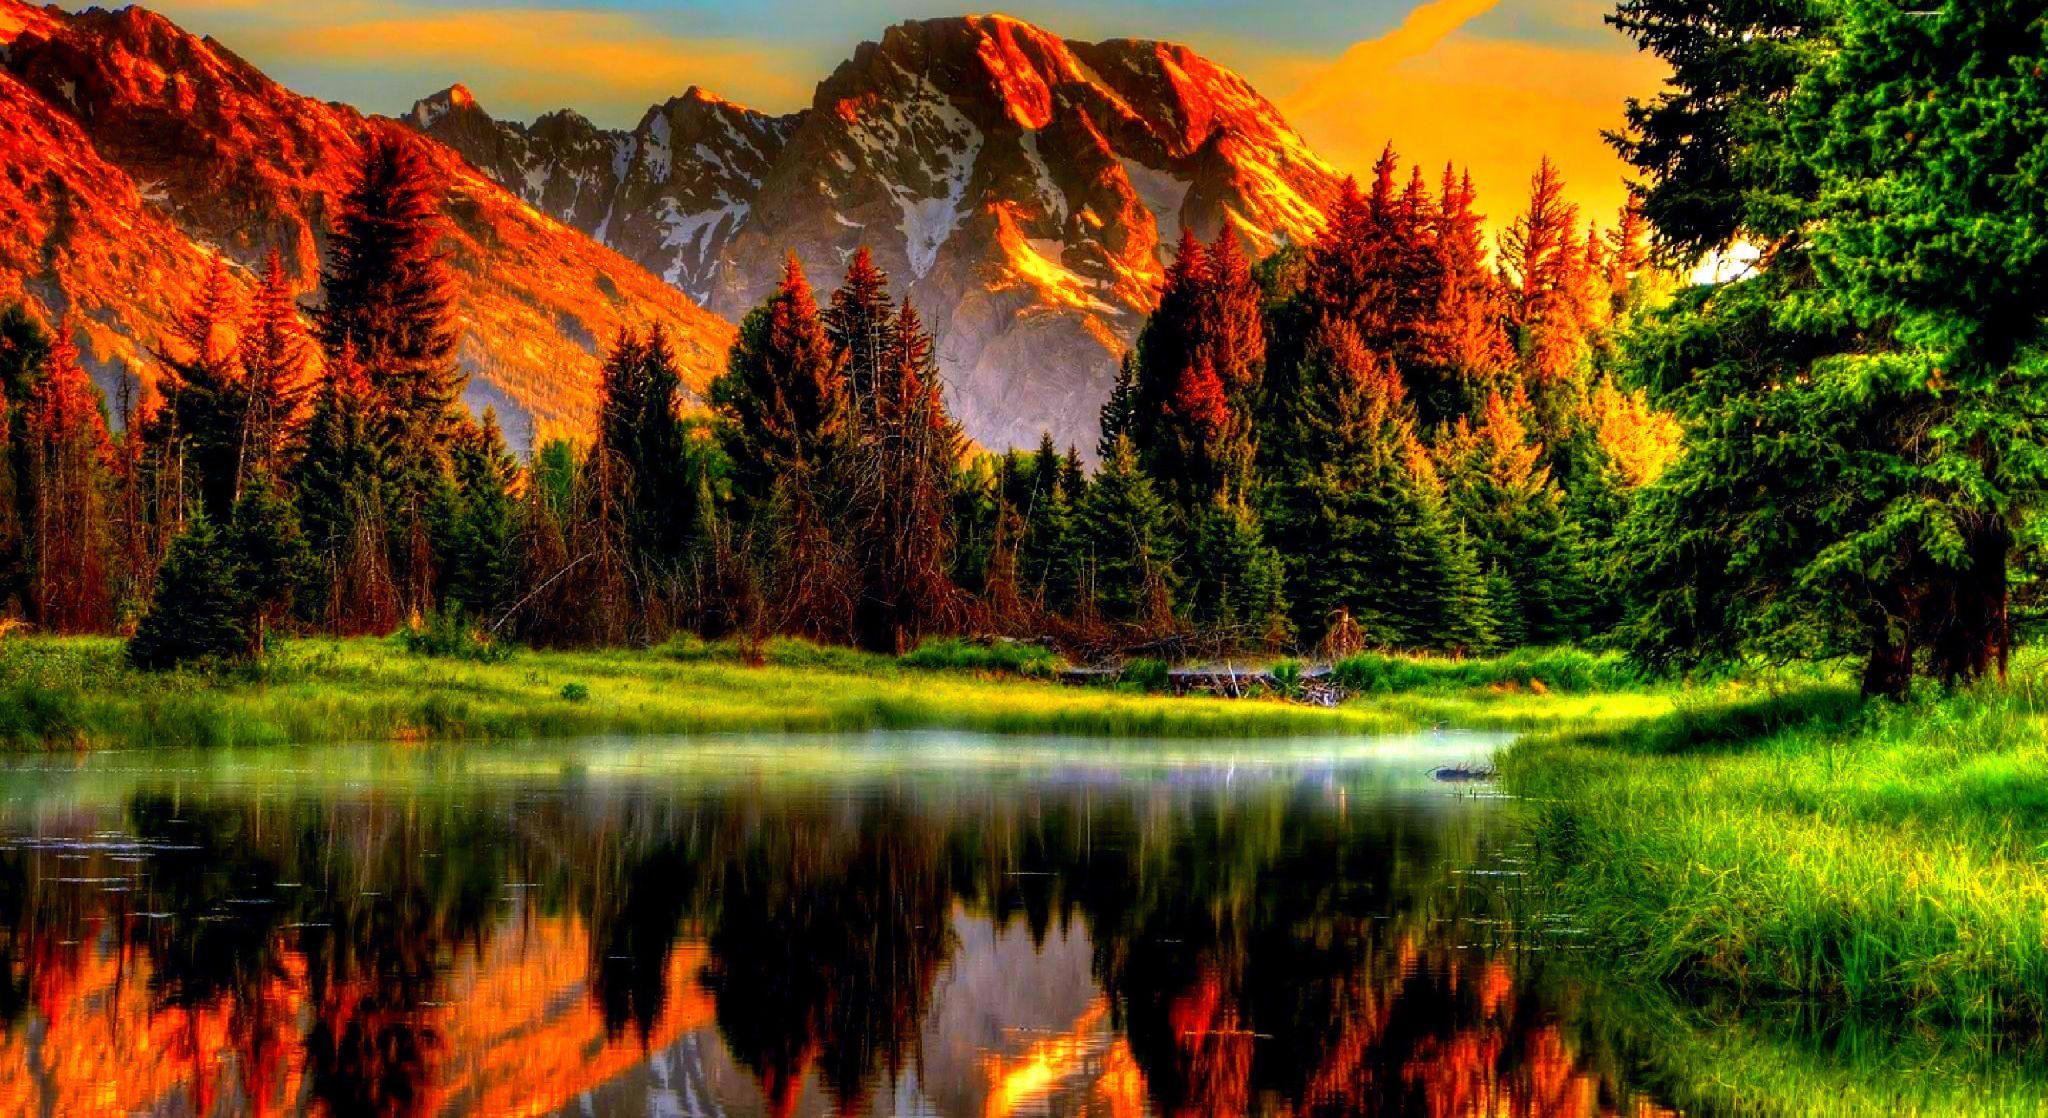 Scenic Desktop Wallpapers - Top Free Scenic Desktop